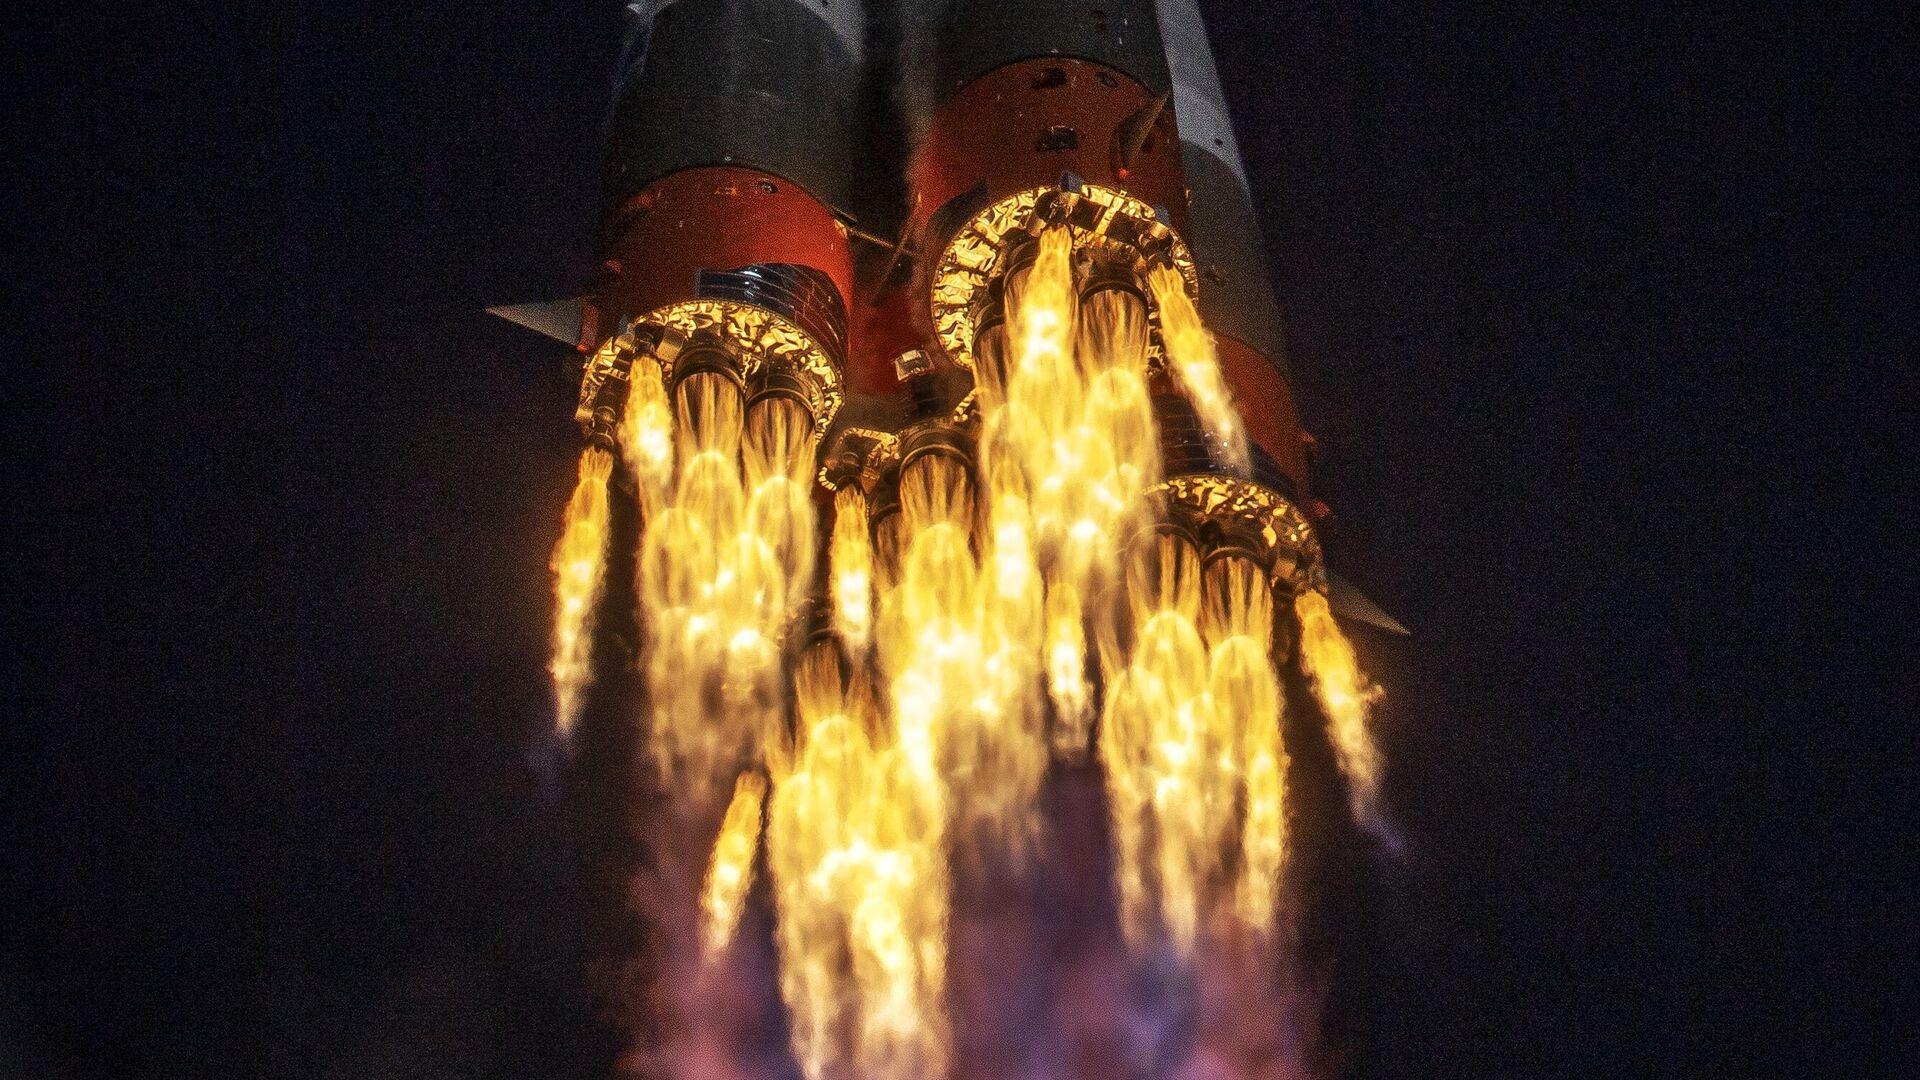 Ракета-носитель Союз-2.1а с транспортным пилотируемым кораблем Союз МС-17 во время запуска со стартовой площадки космодрома Байконур - РИА Новости, 1920, 09.12.2020